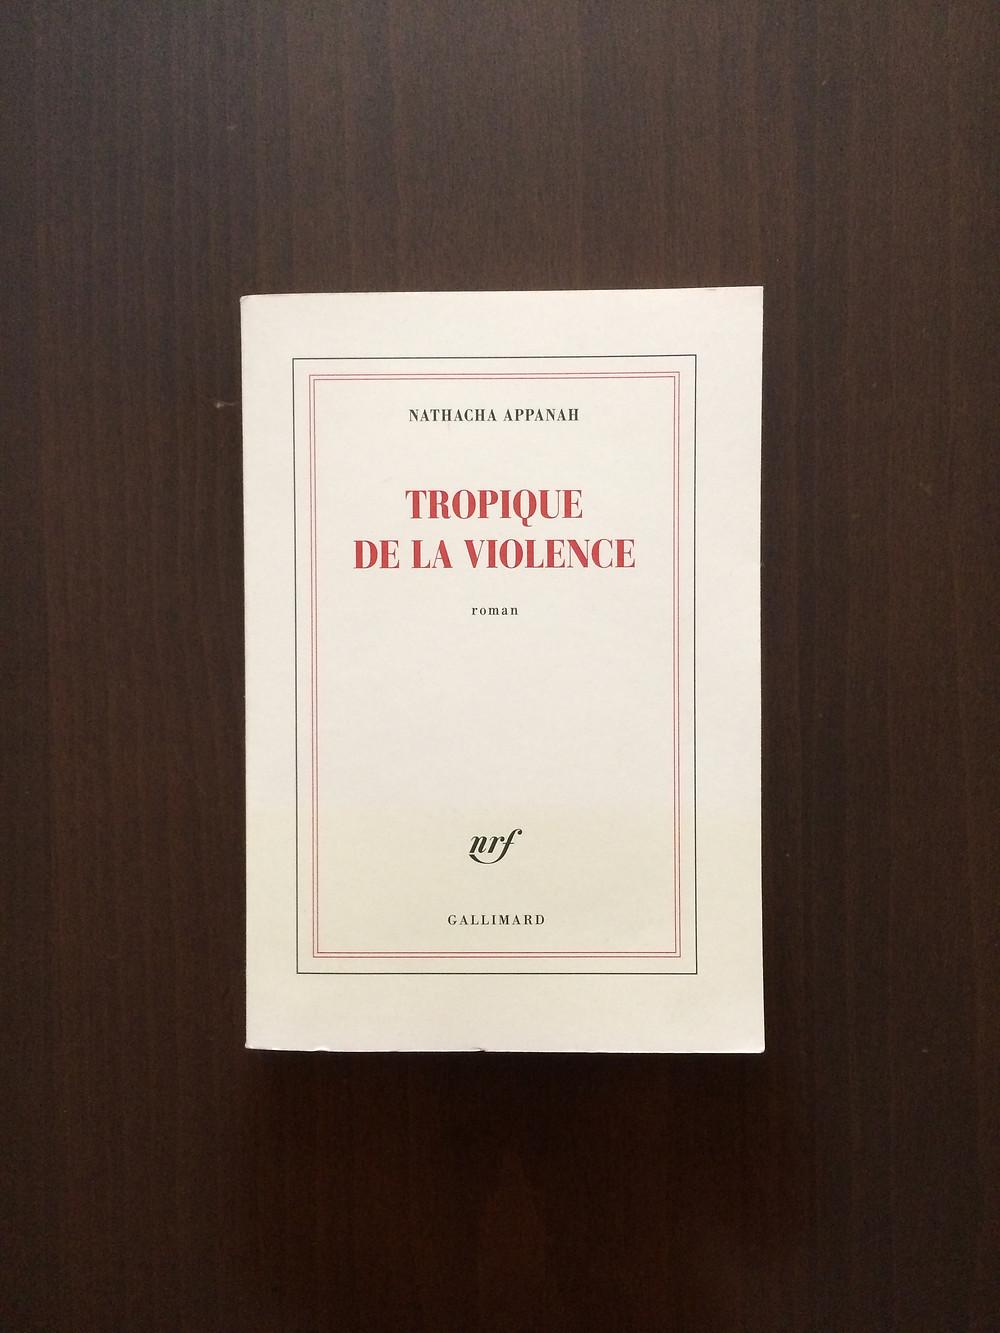 """Photo du livre """"Tropique de la violence"""" de Natacha Appanah (1)"""